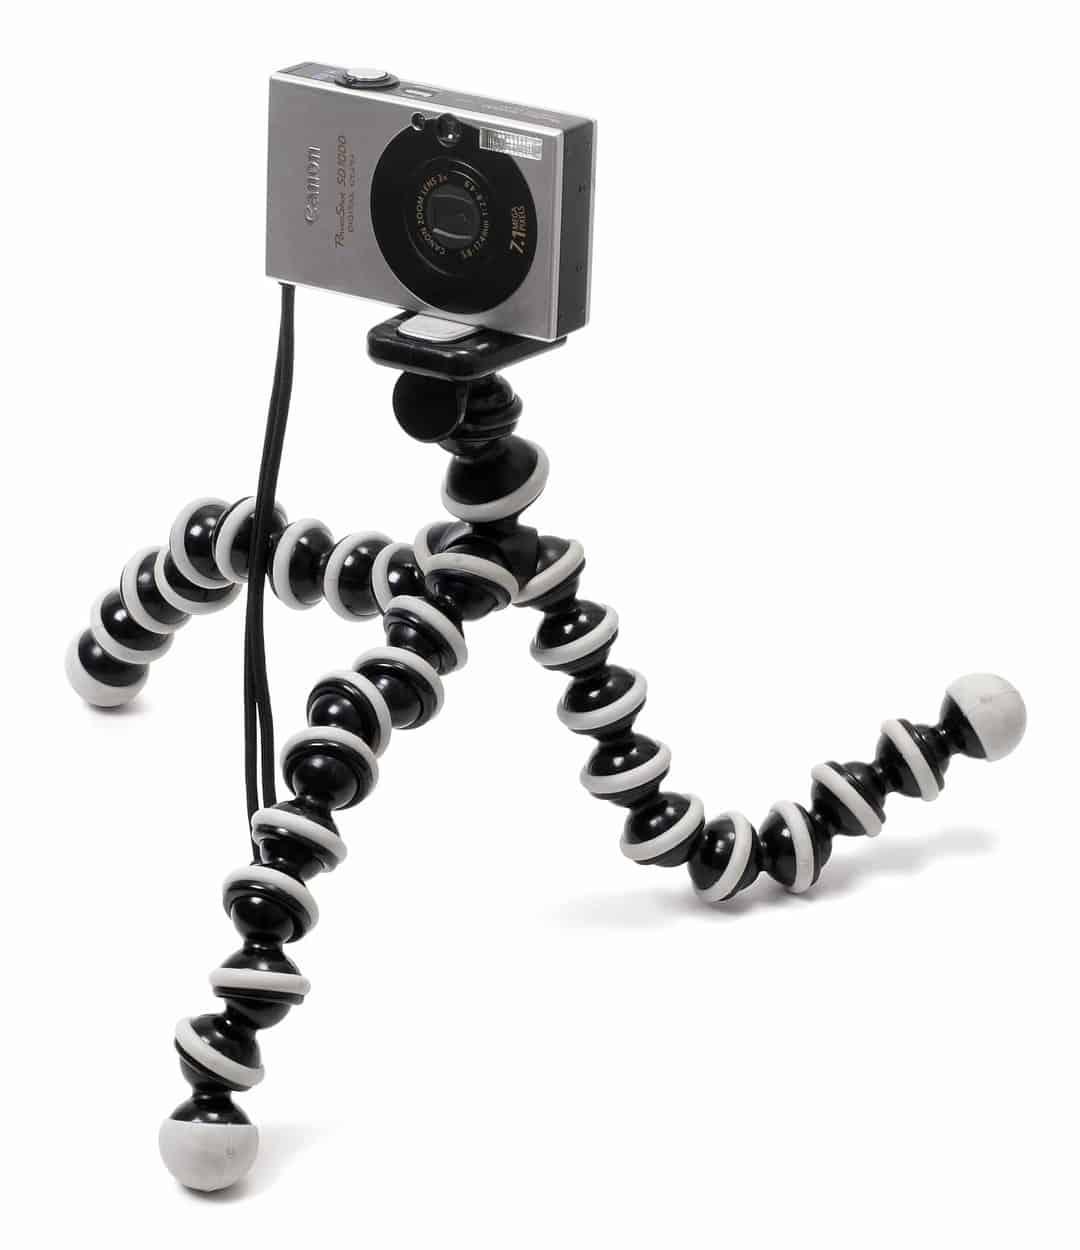 A GorillaPod tripod with a camera.